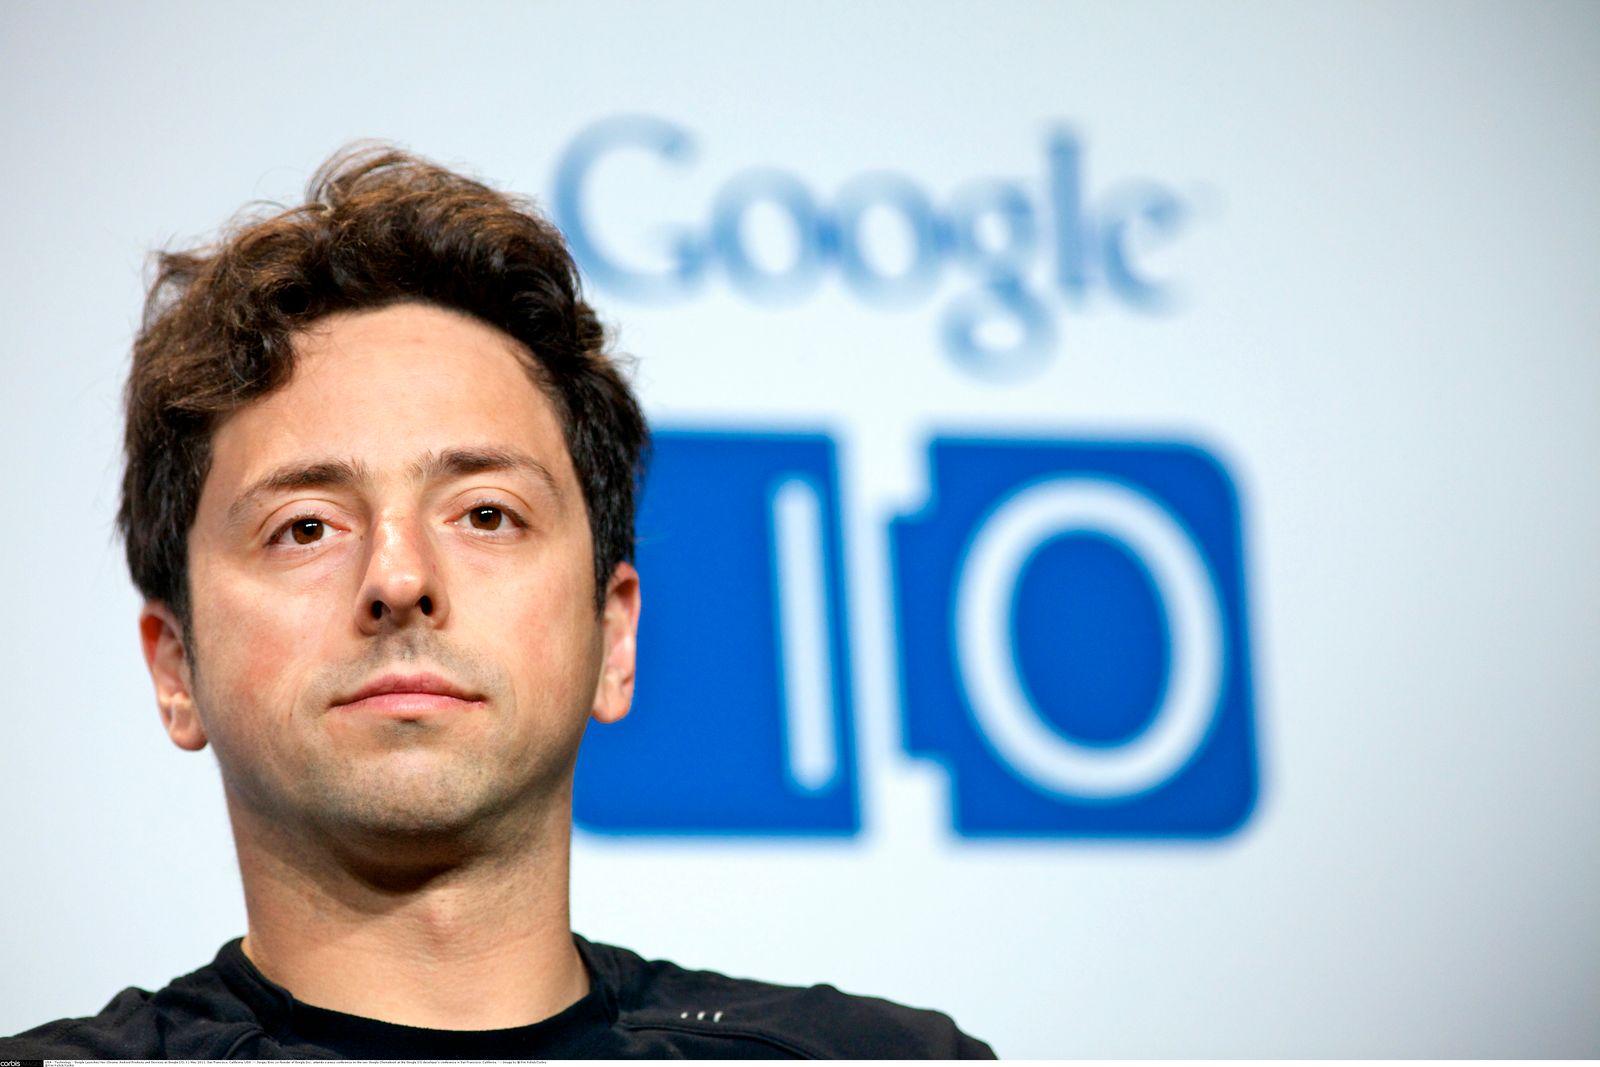 NICHT MEHR VERWENDEN! - Sergey Brin / Google